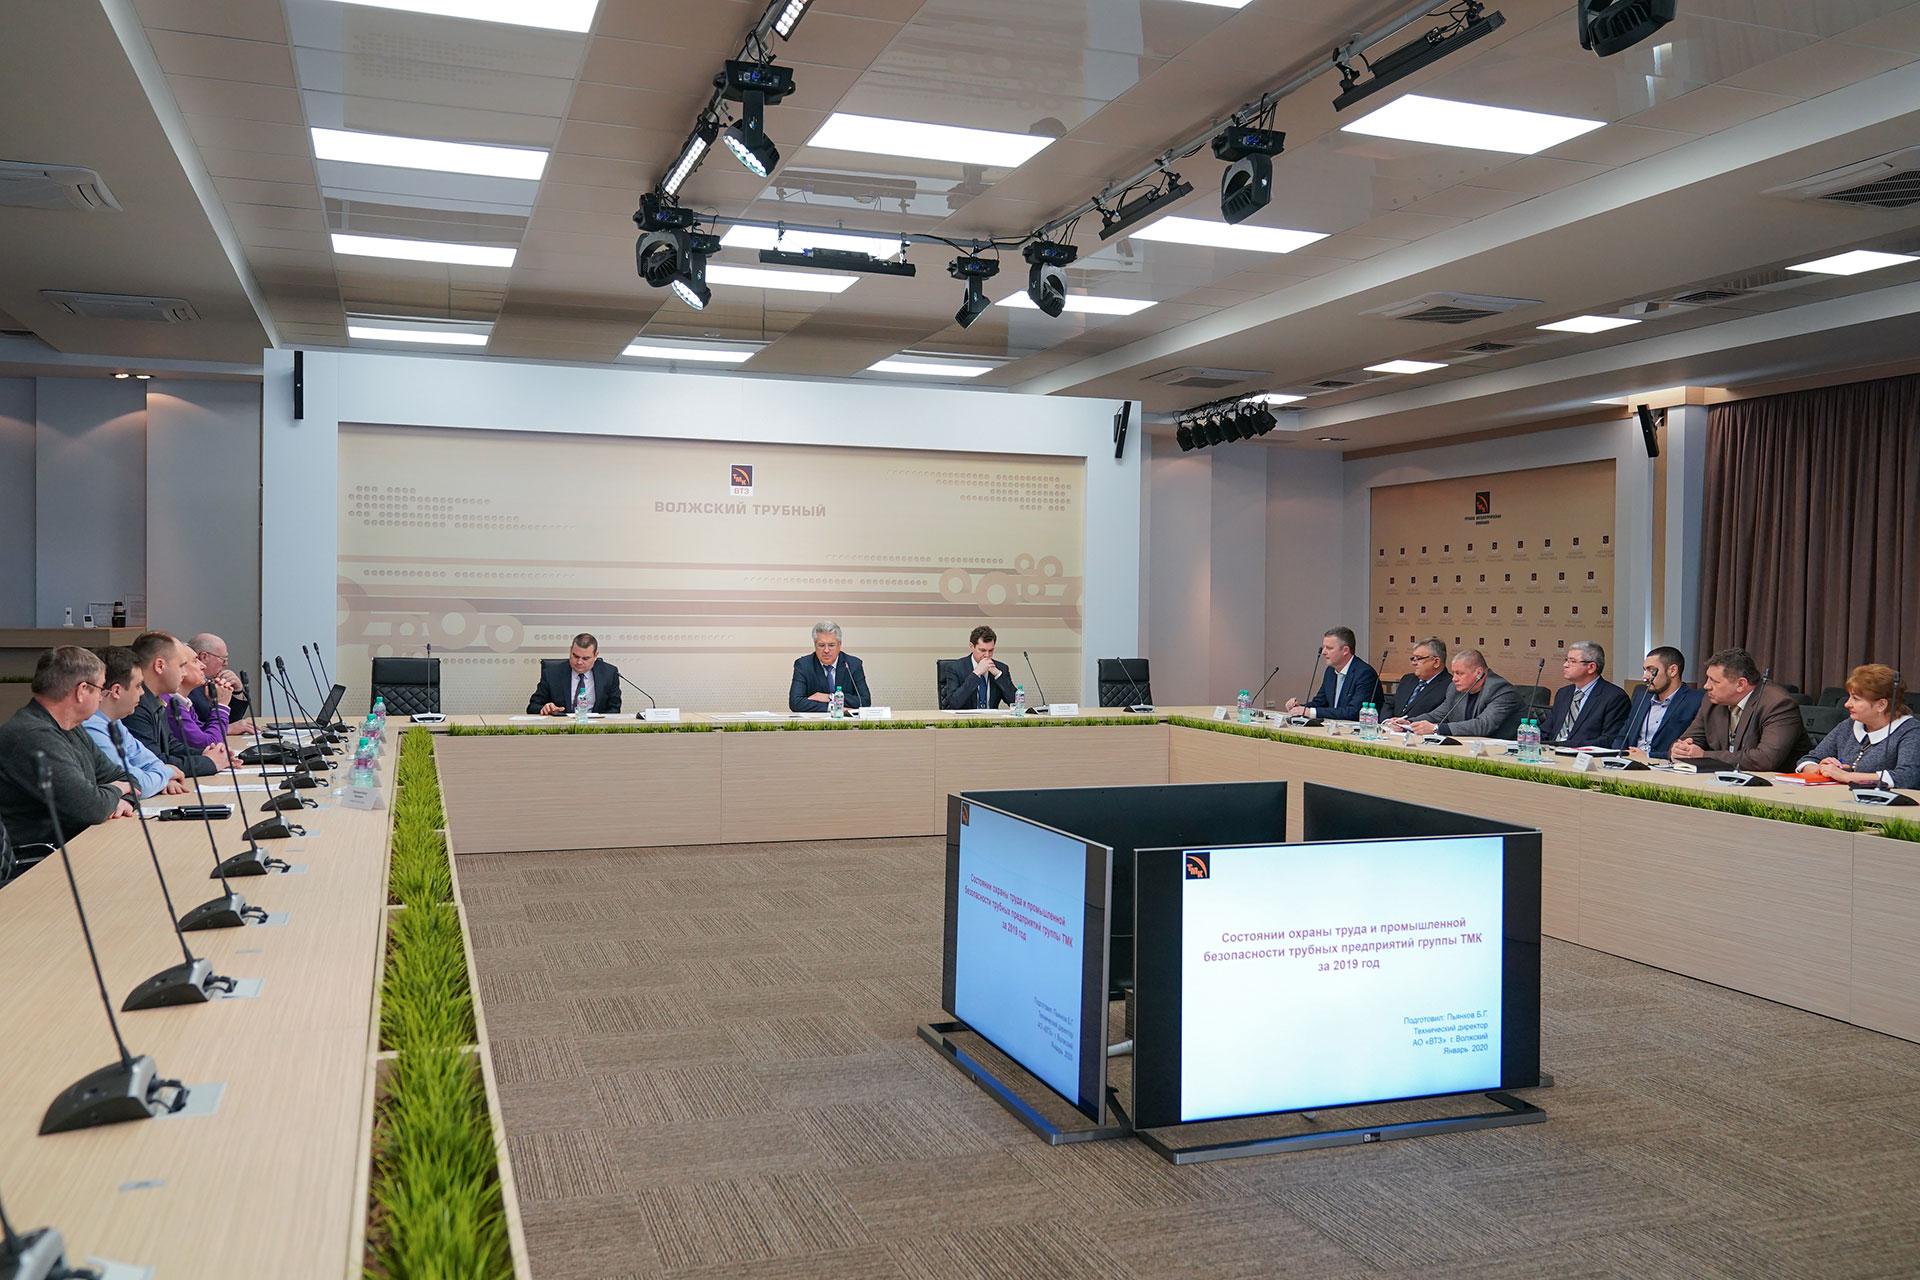 На ВТЗ российские металлурги обменялись передовым опытом в области промбезопасности и охраны труда